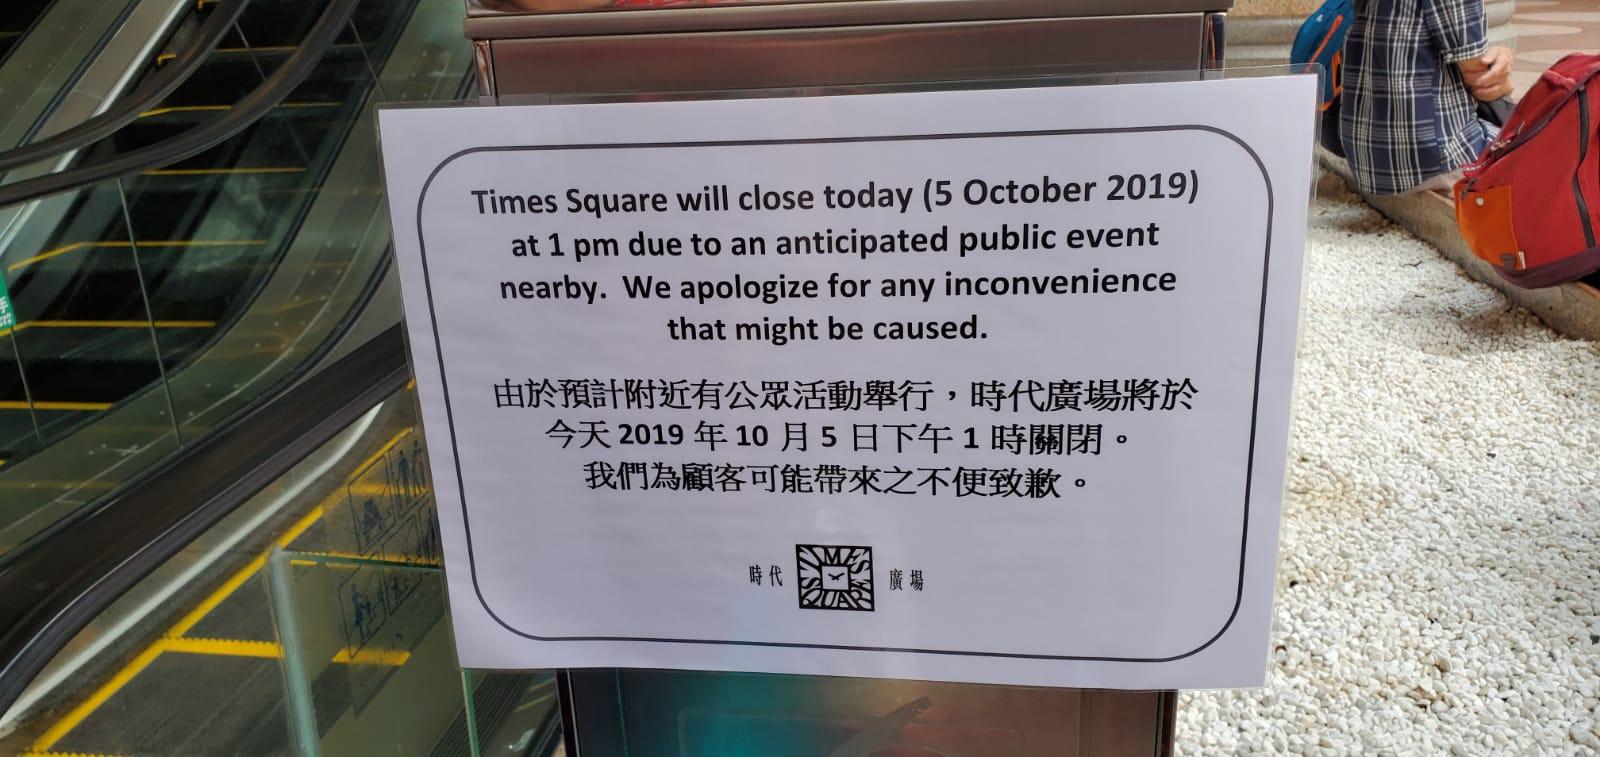 銅鑼灣時代廣場下午1時關閉。